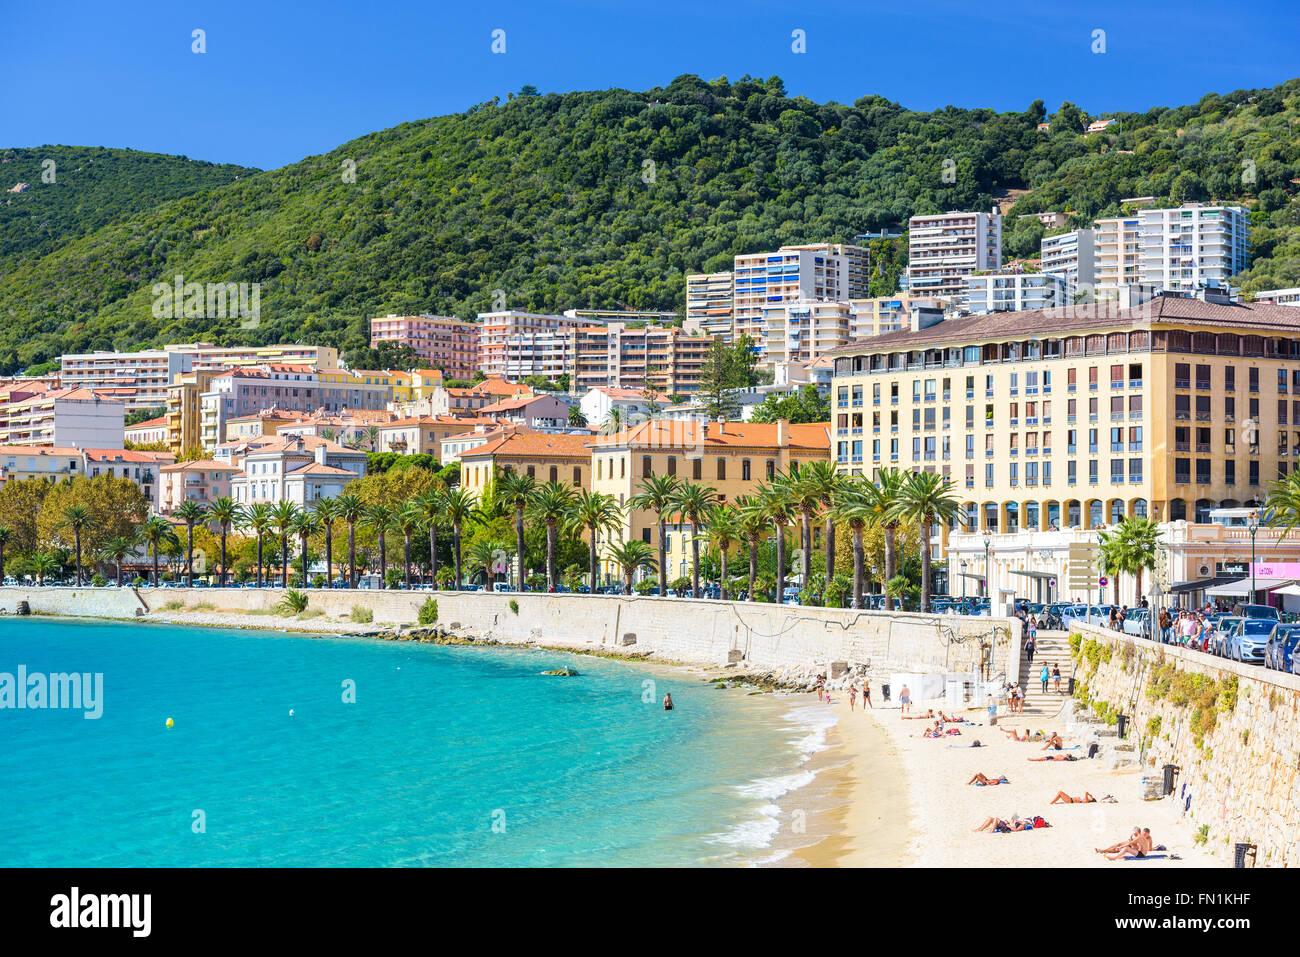 AJACCIO, Frankreich - 29. Oktober 2014: Strandbesucher auf in der Stadt Ajaccio auf der West-Coasat der Insel Korsika. Stockbild